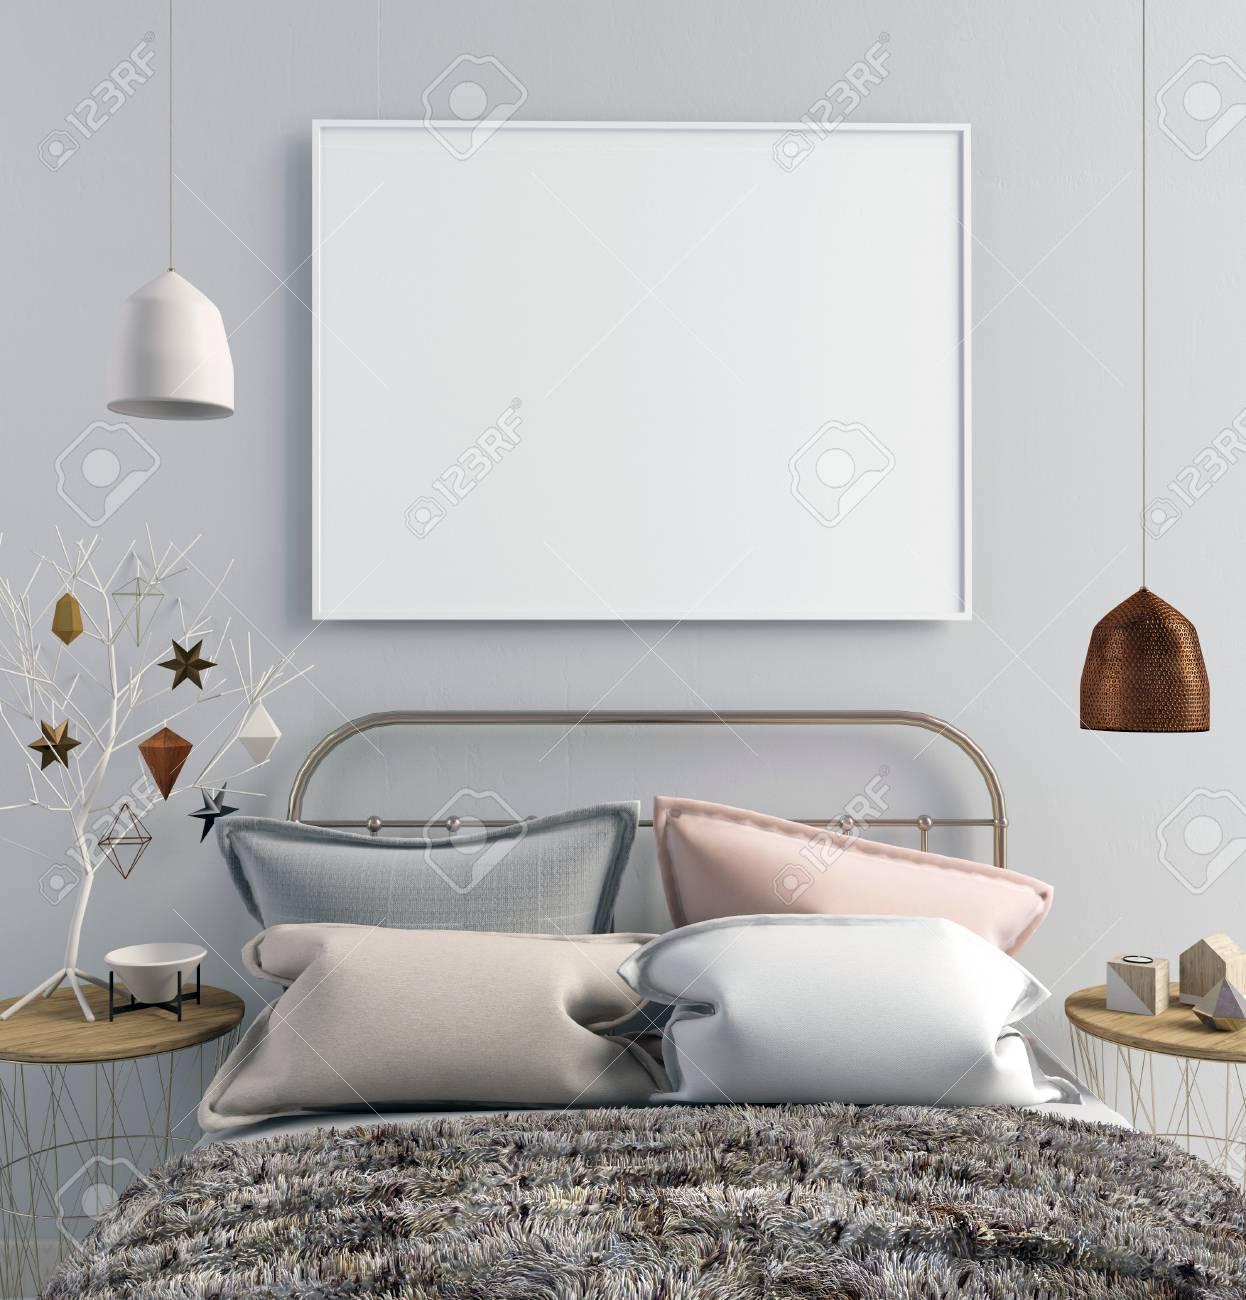 Intérieur Moderne De Noël De La Chambre à Coucher, Style Scandinave ...